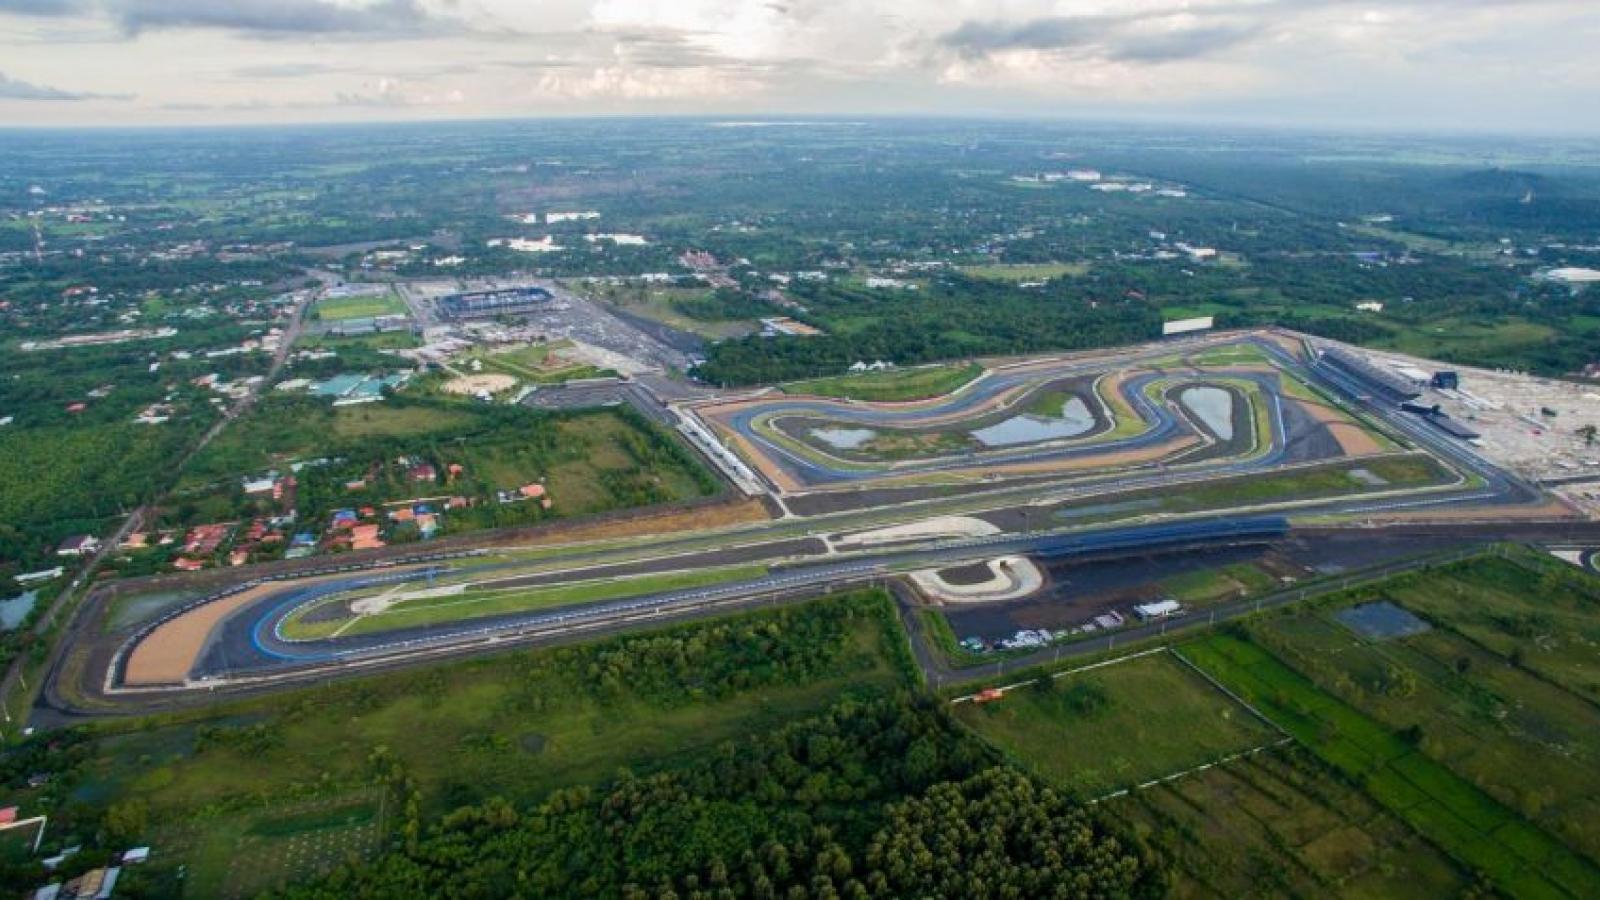 Vòng đua MotoGP 2021 tại Buriram, Thái Lan sẽ bị hủy bỏ